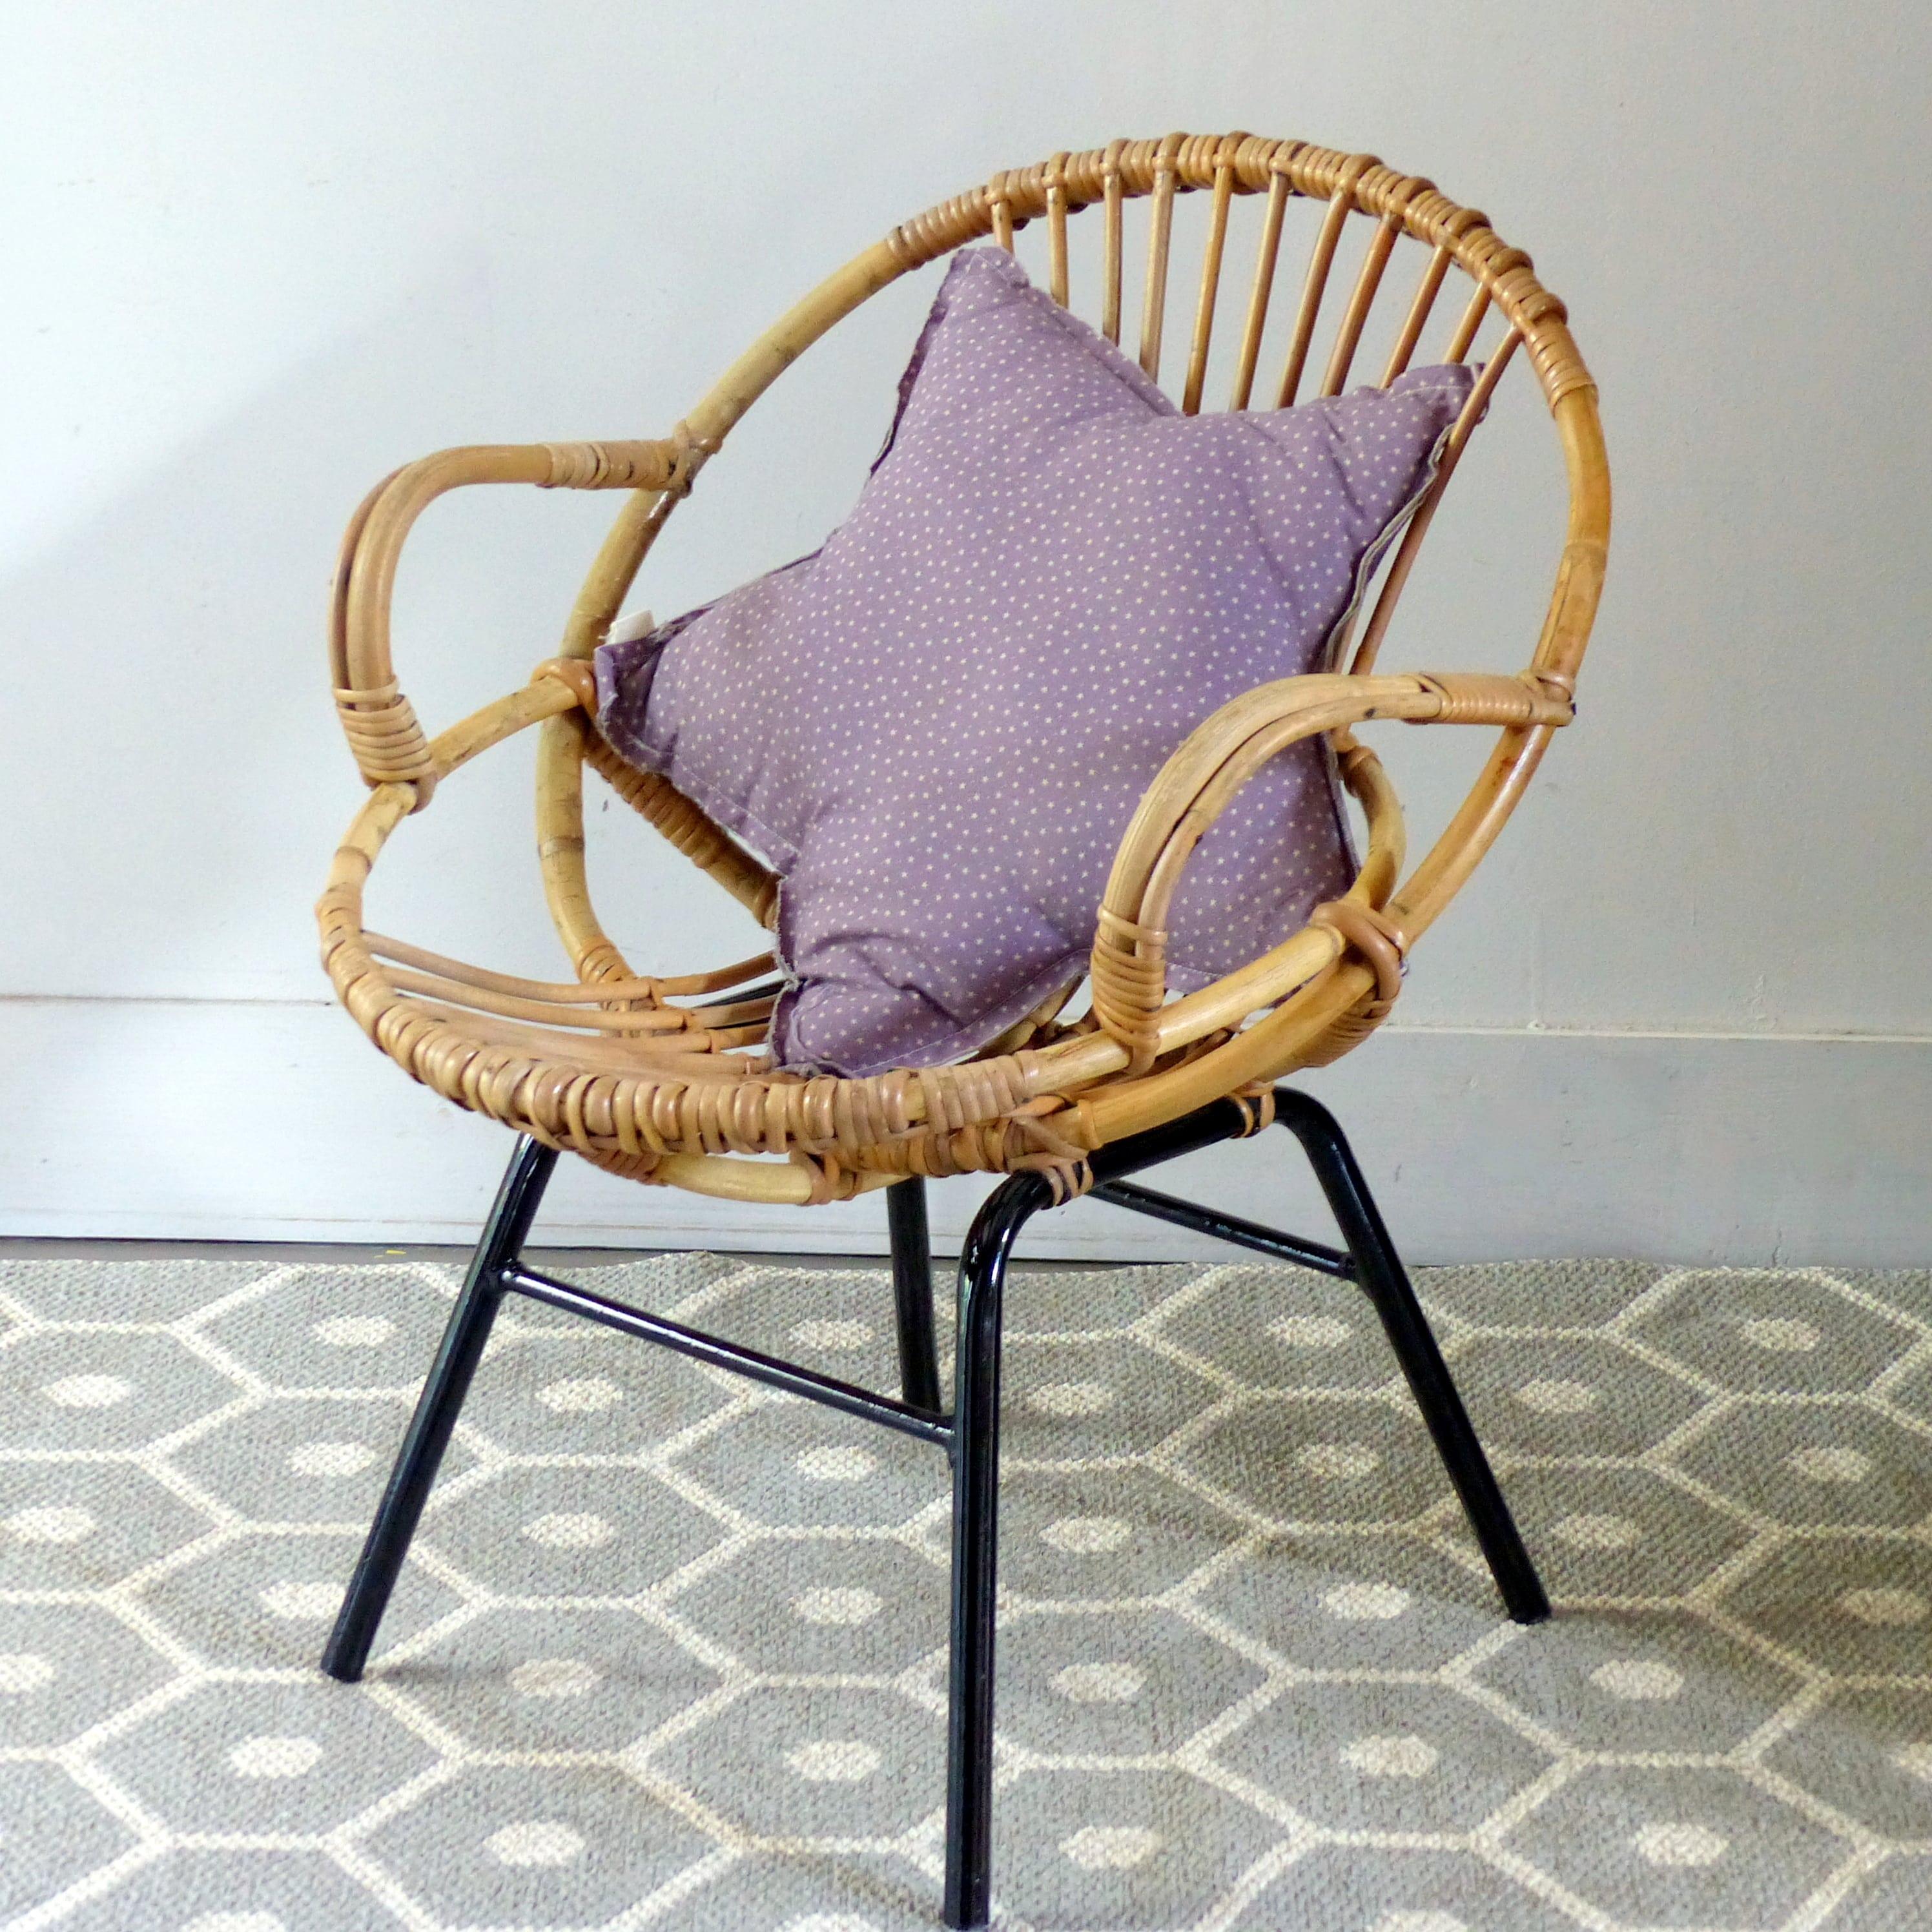 fauteuil coquille en rotin pour enfant lignedebrocante brocante en ligne chine pour vous. Black Bedroom Furniture Sets. Home Design Ideas